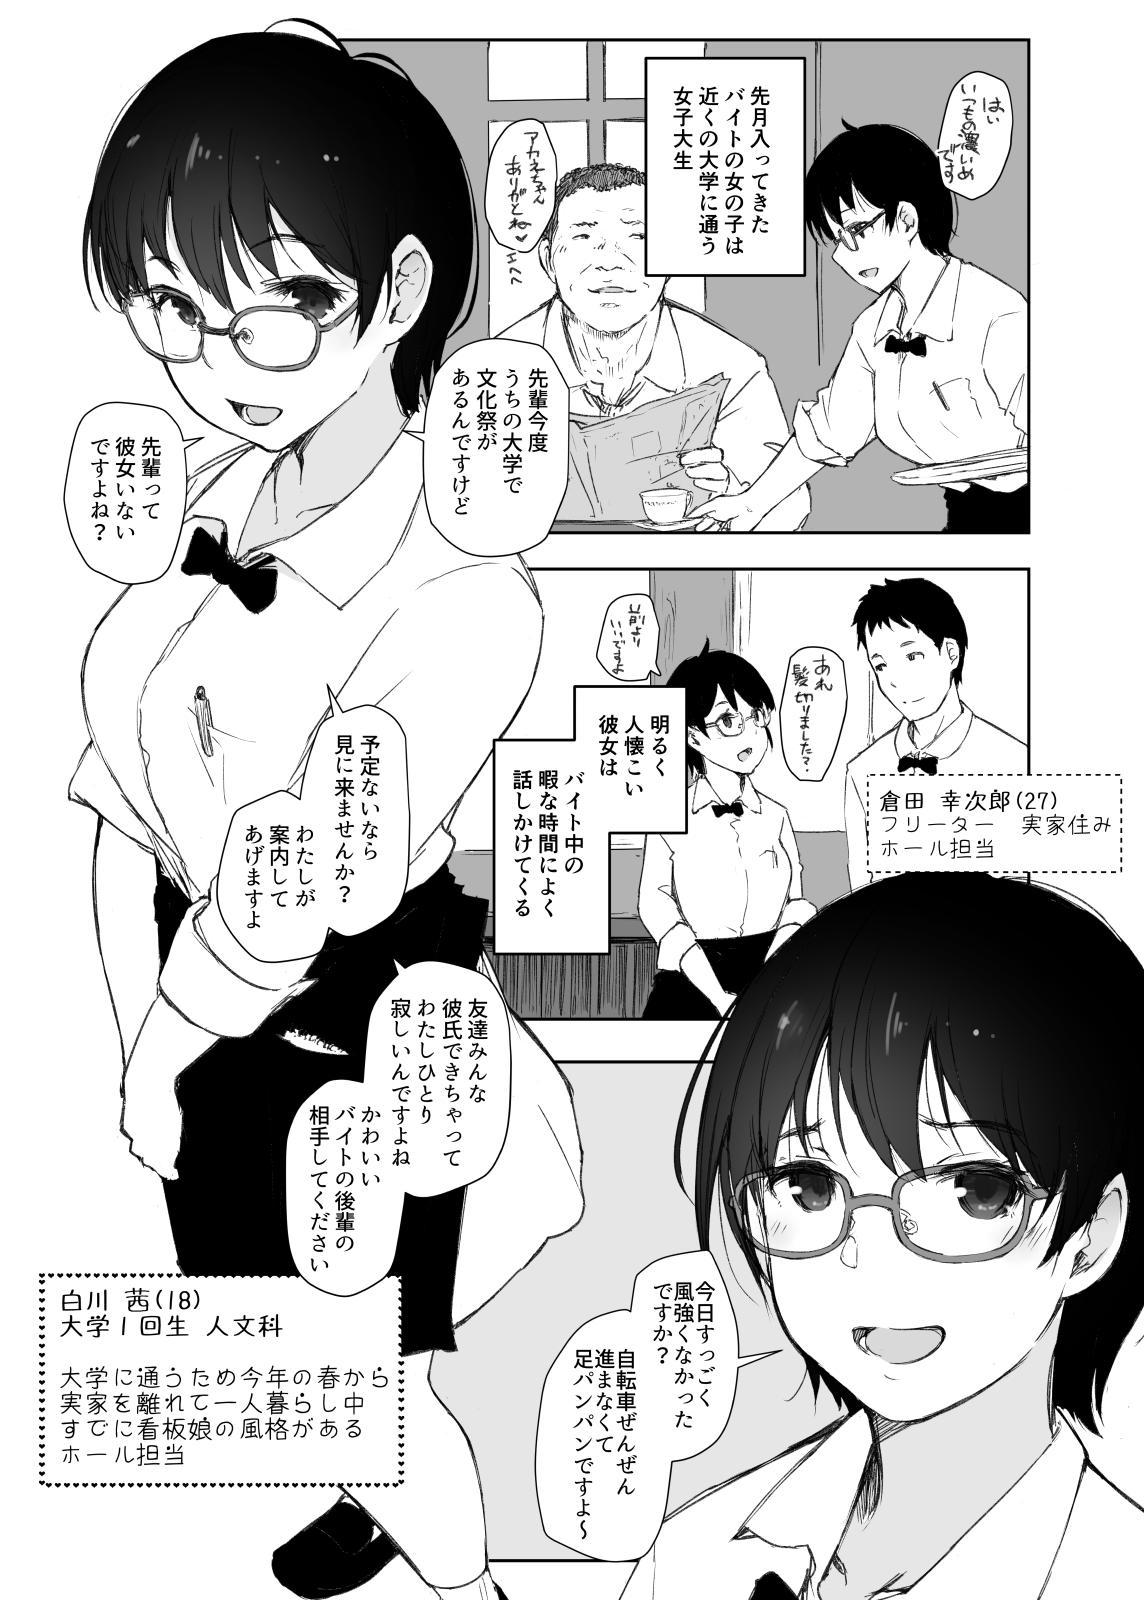 Shortcut de Megane no Niau Hitonatsukoi Beit no Kouhai ga Yarichin Douryou no Kuruma de Okurarete kara Mudankekkin Shiteiru + Omake 2